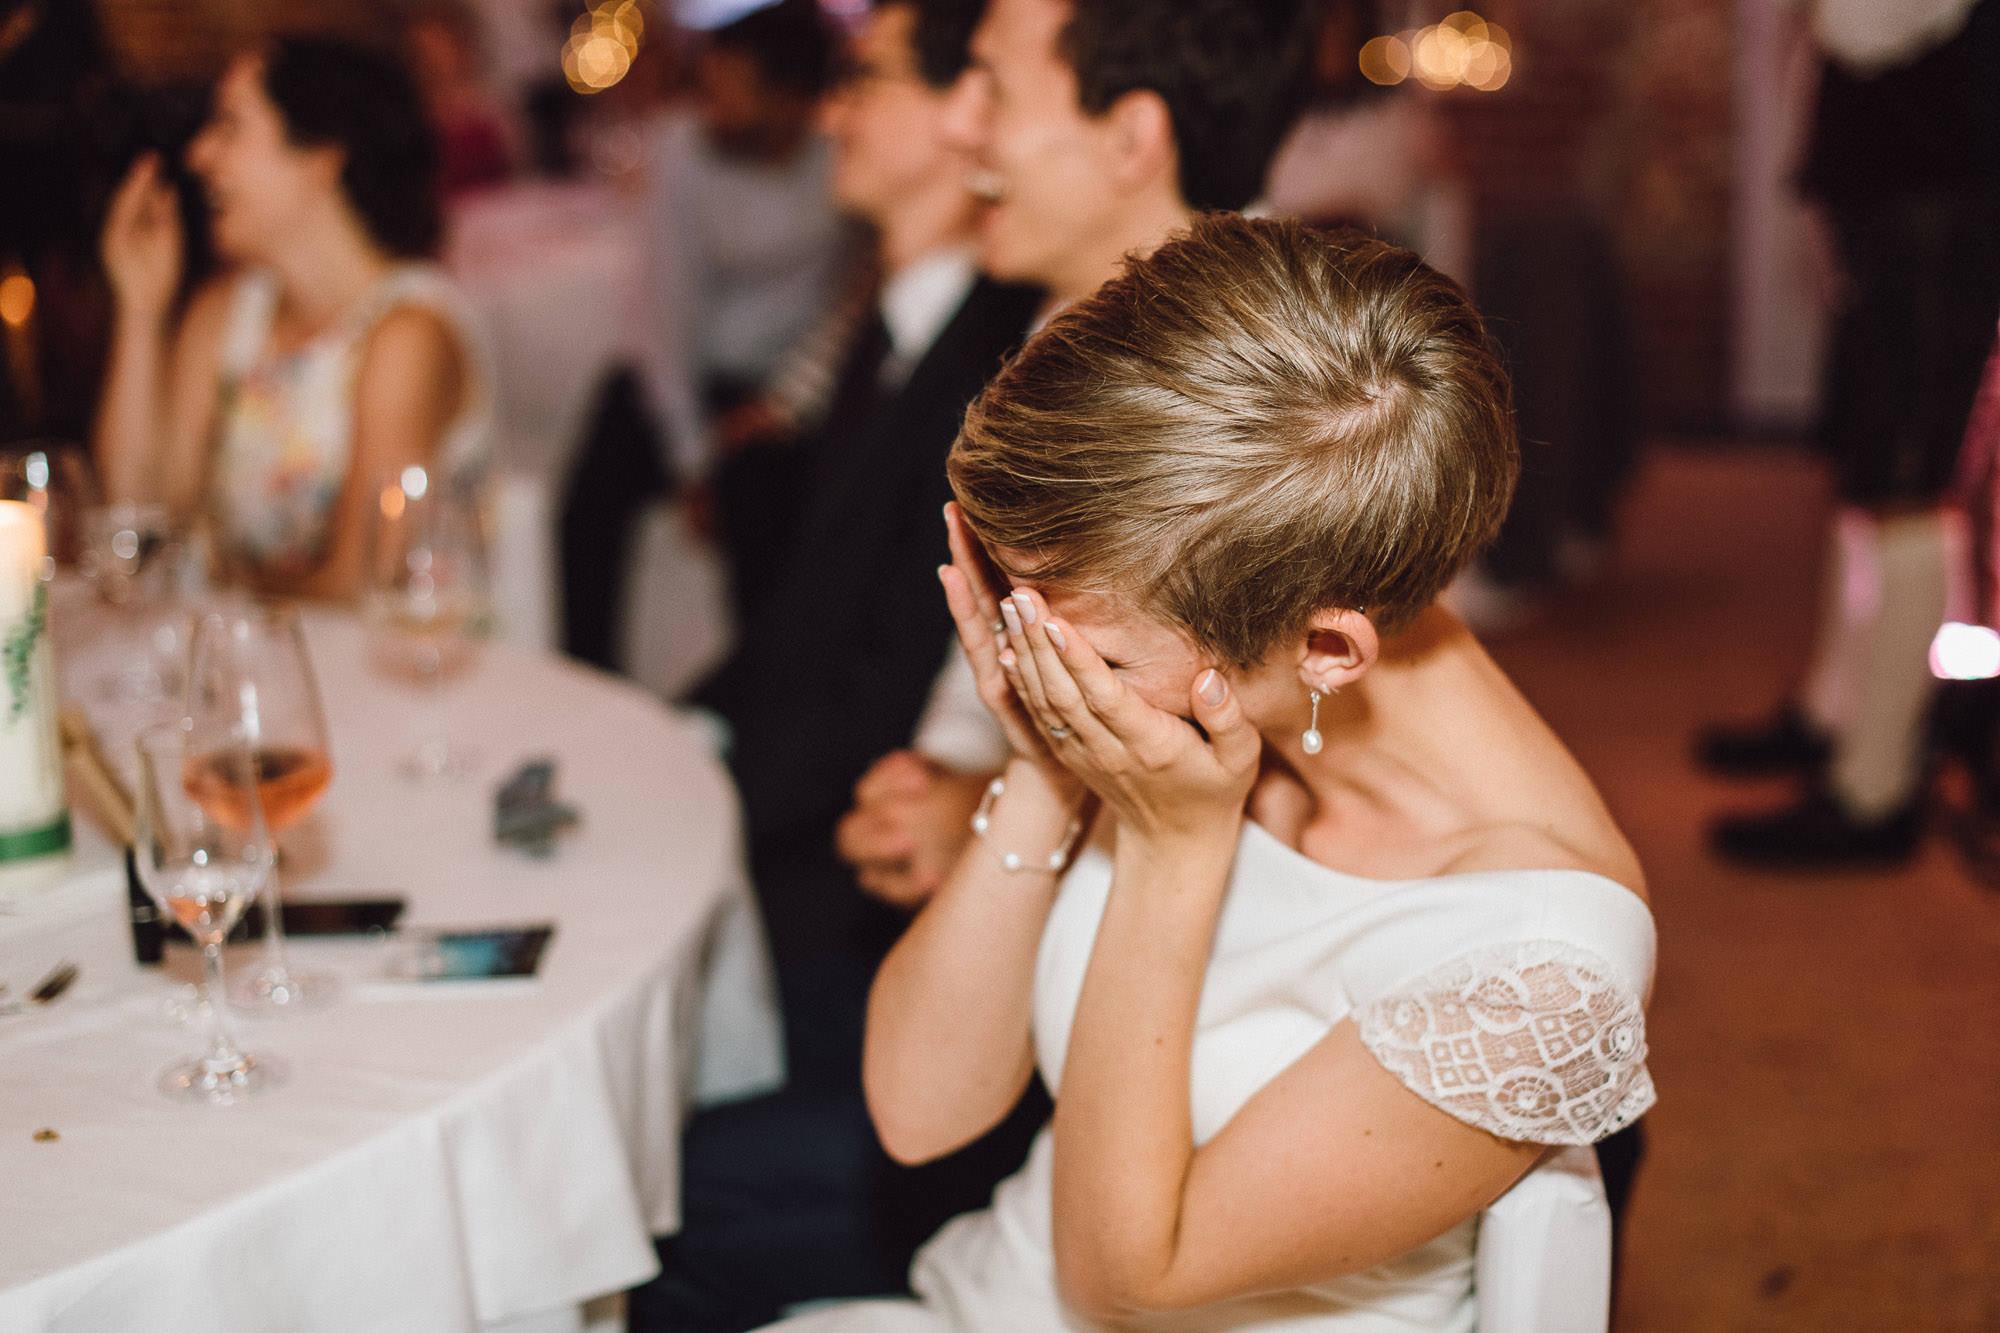 greenery-wedding-hochzeit-prielhof-sukkulenten-scheyern-lauraelenaphotography-109